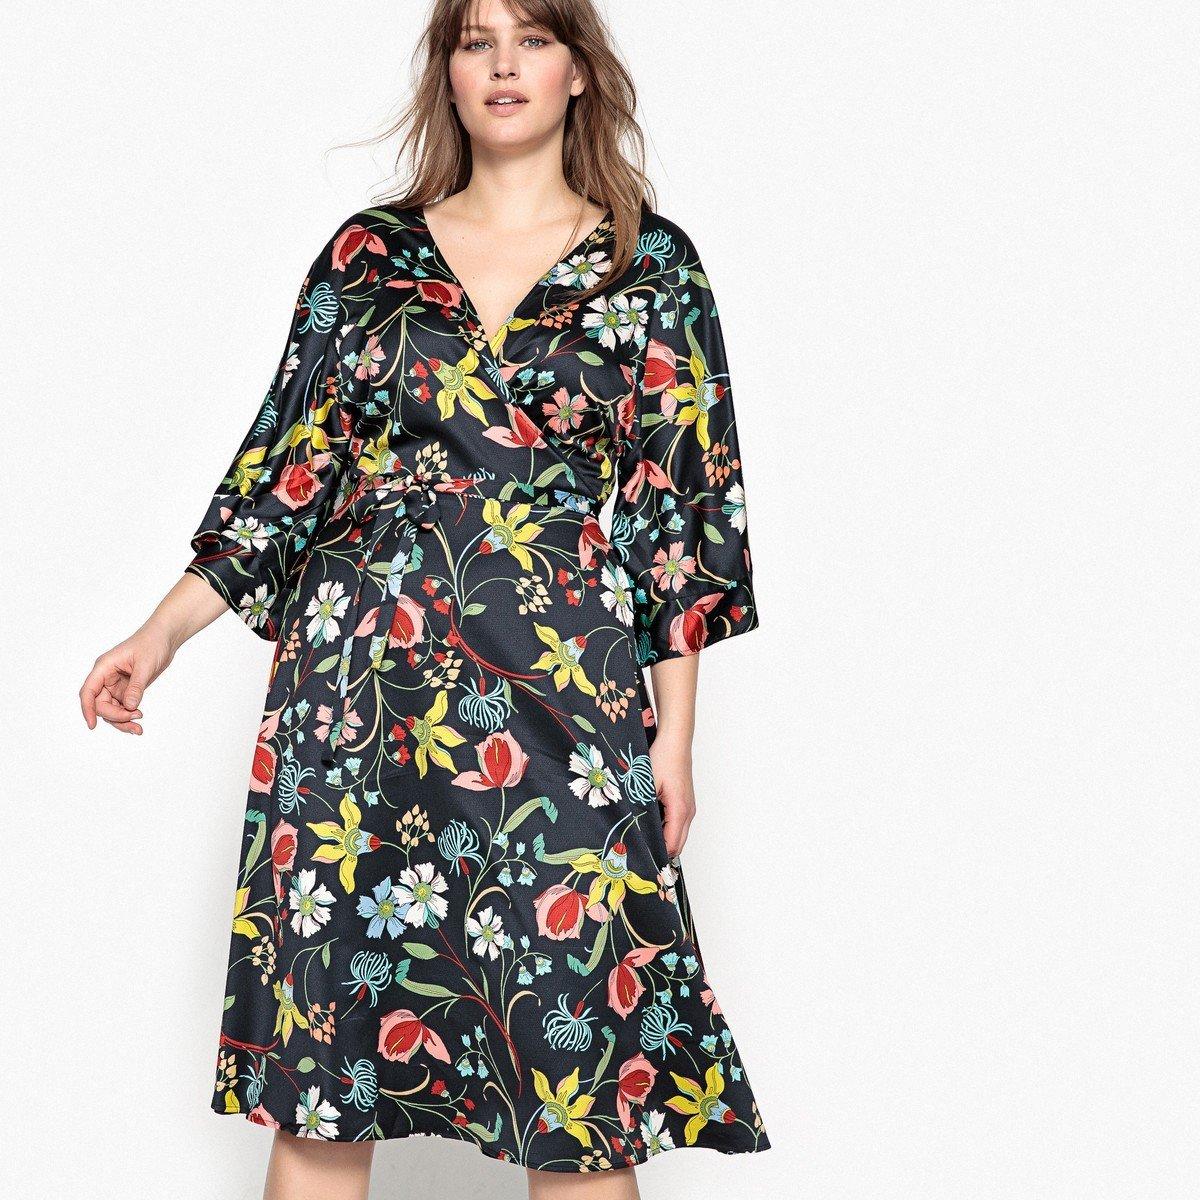 платье халат для полных женщин цветочное